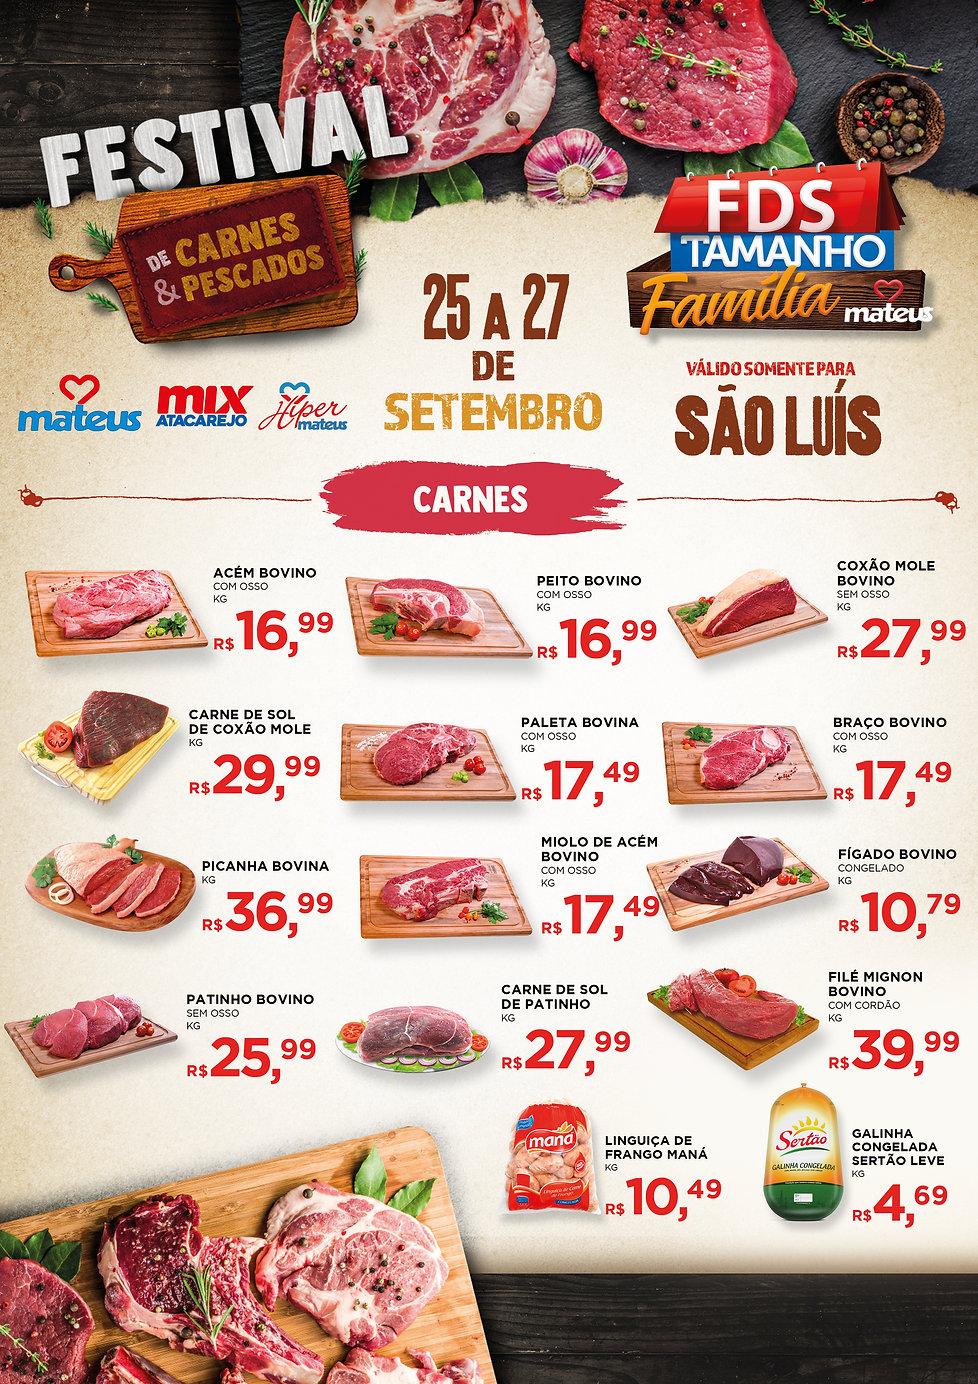 Encarte Festival de Carnes e Pescados MA